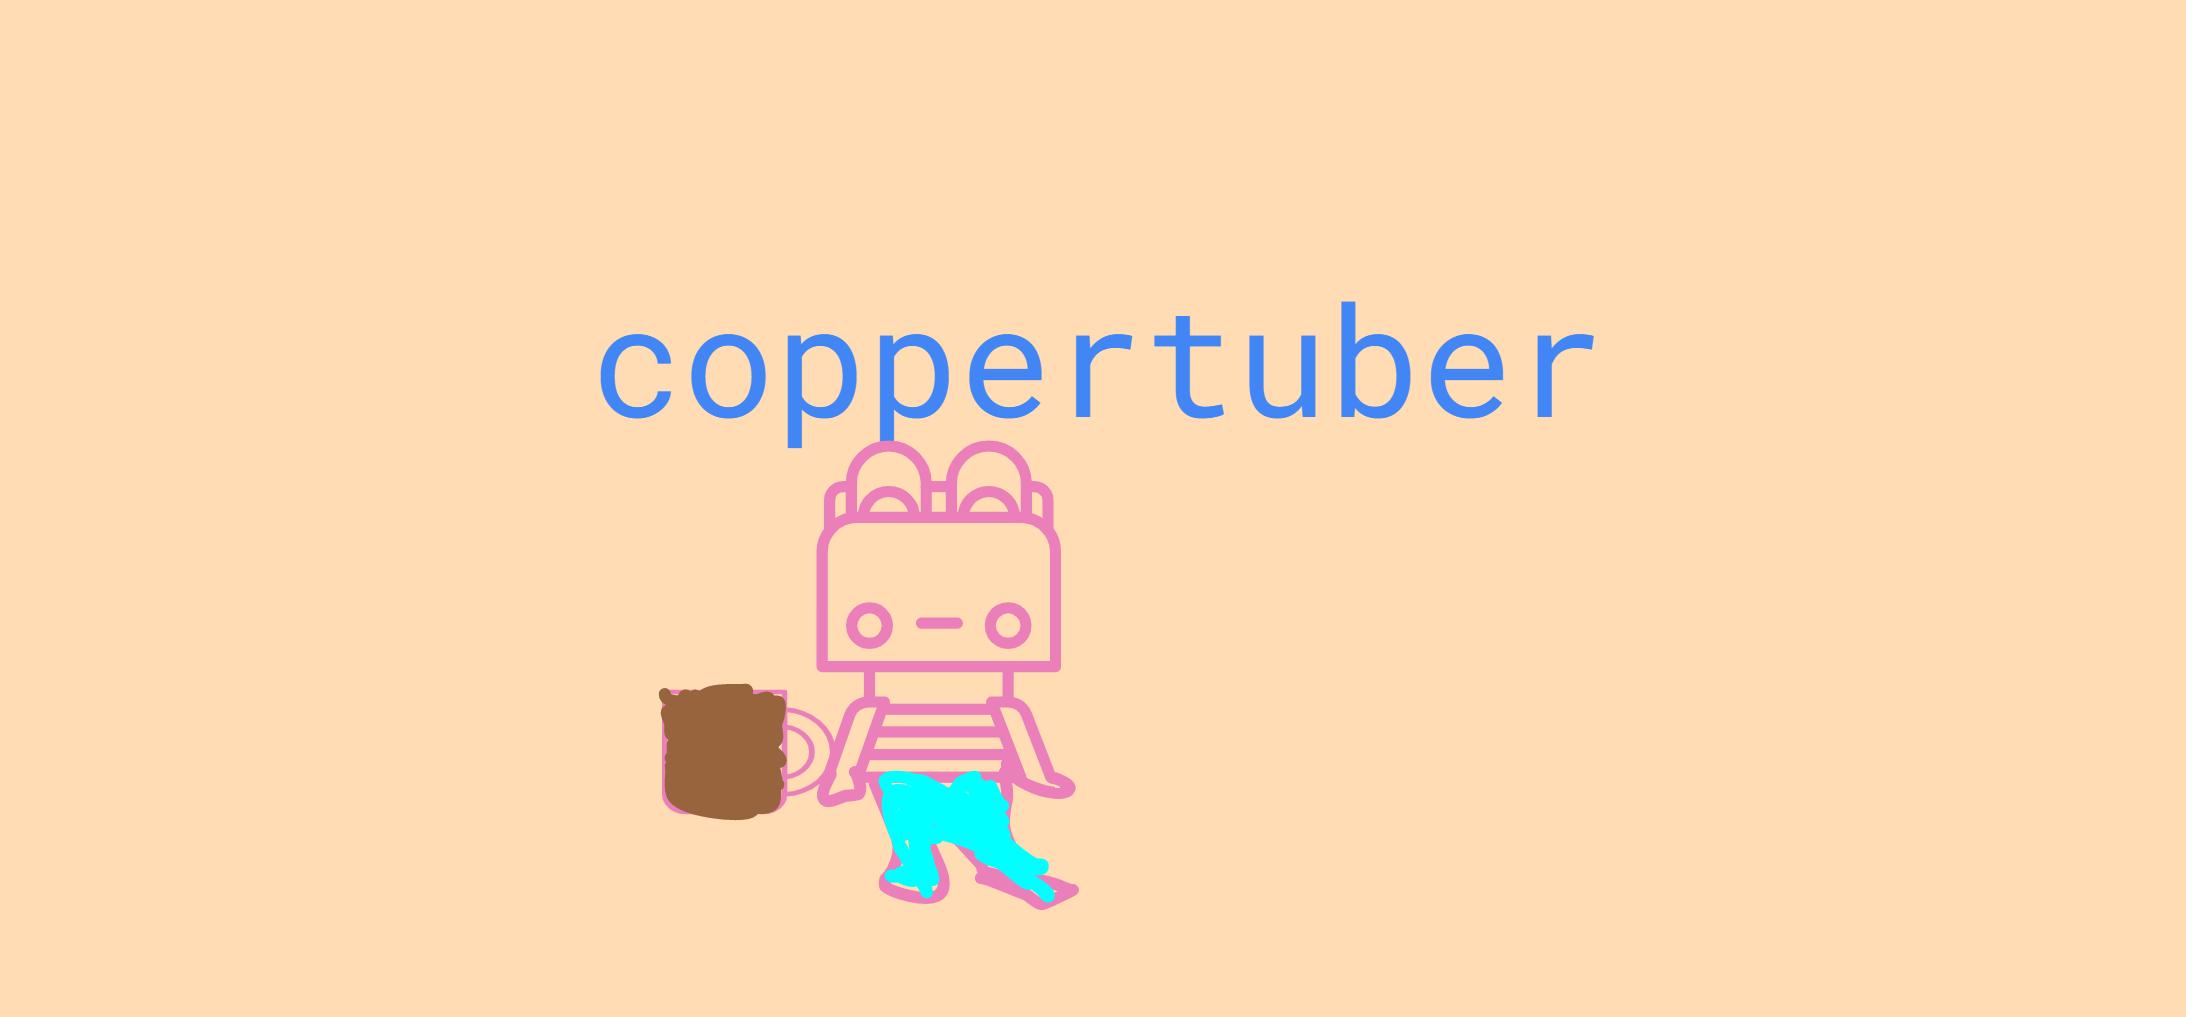 coppertuber